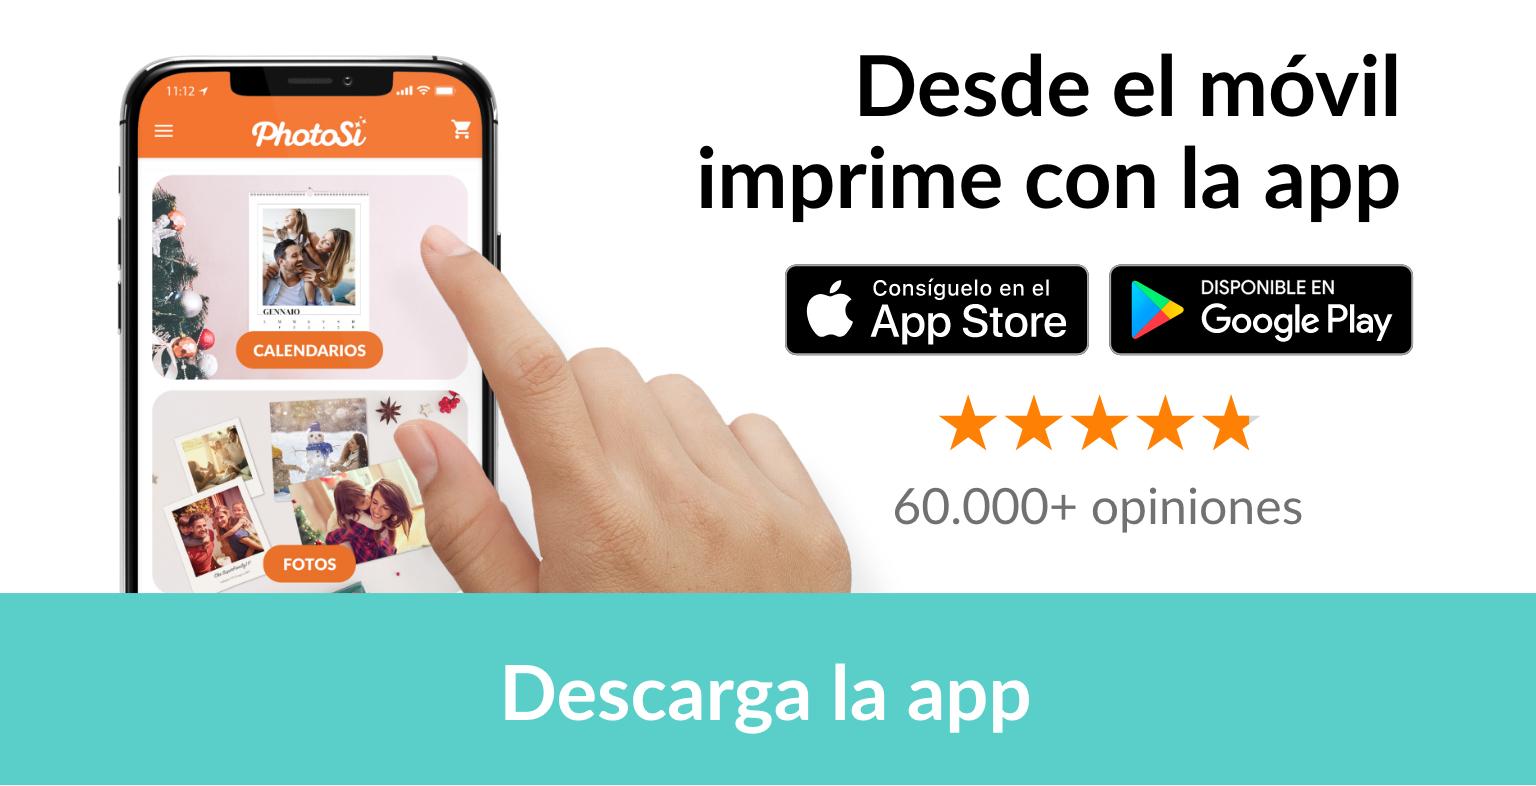 Descarga la app PhotoSì